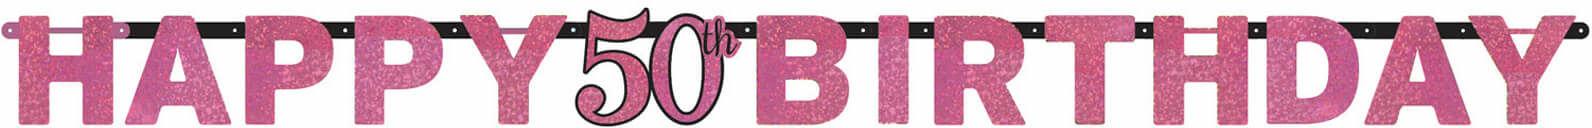 Baner Happy Birthday na pięćdziesiątkę różowy - 213 cm - 1 szt.